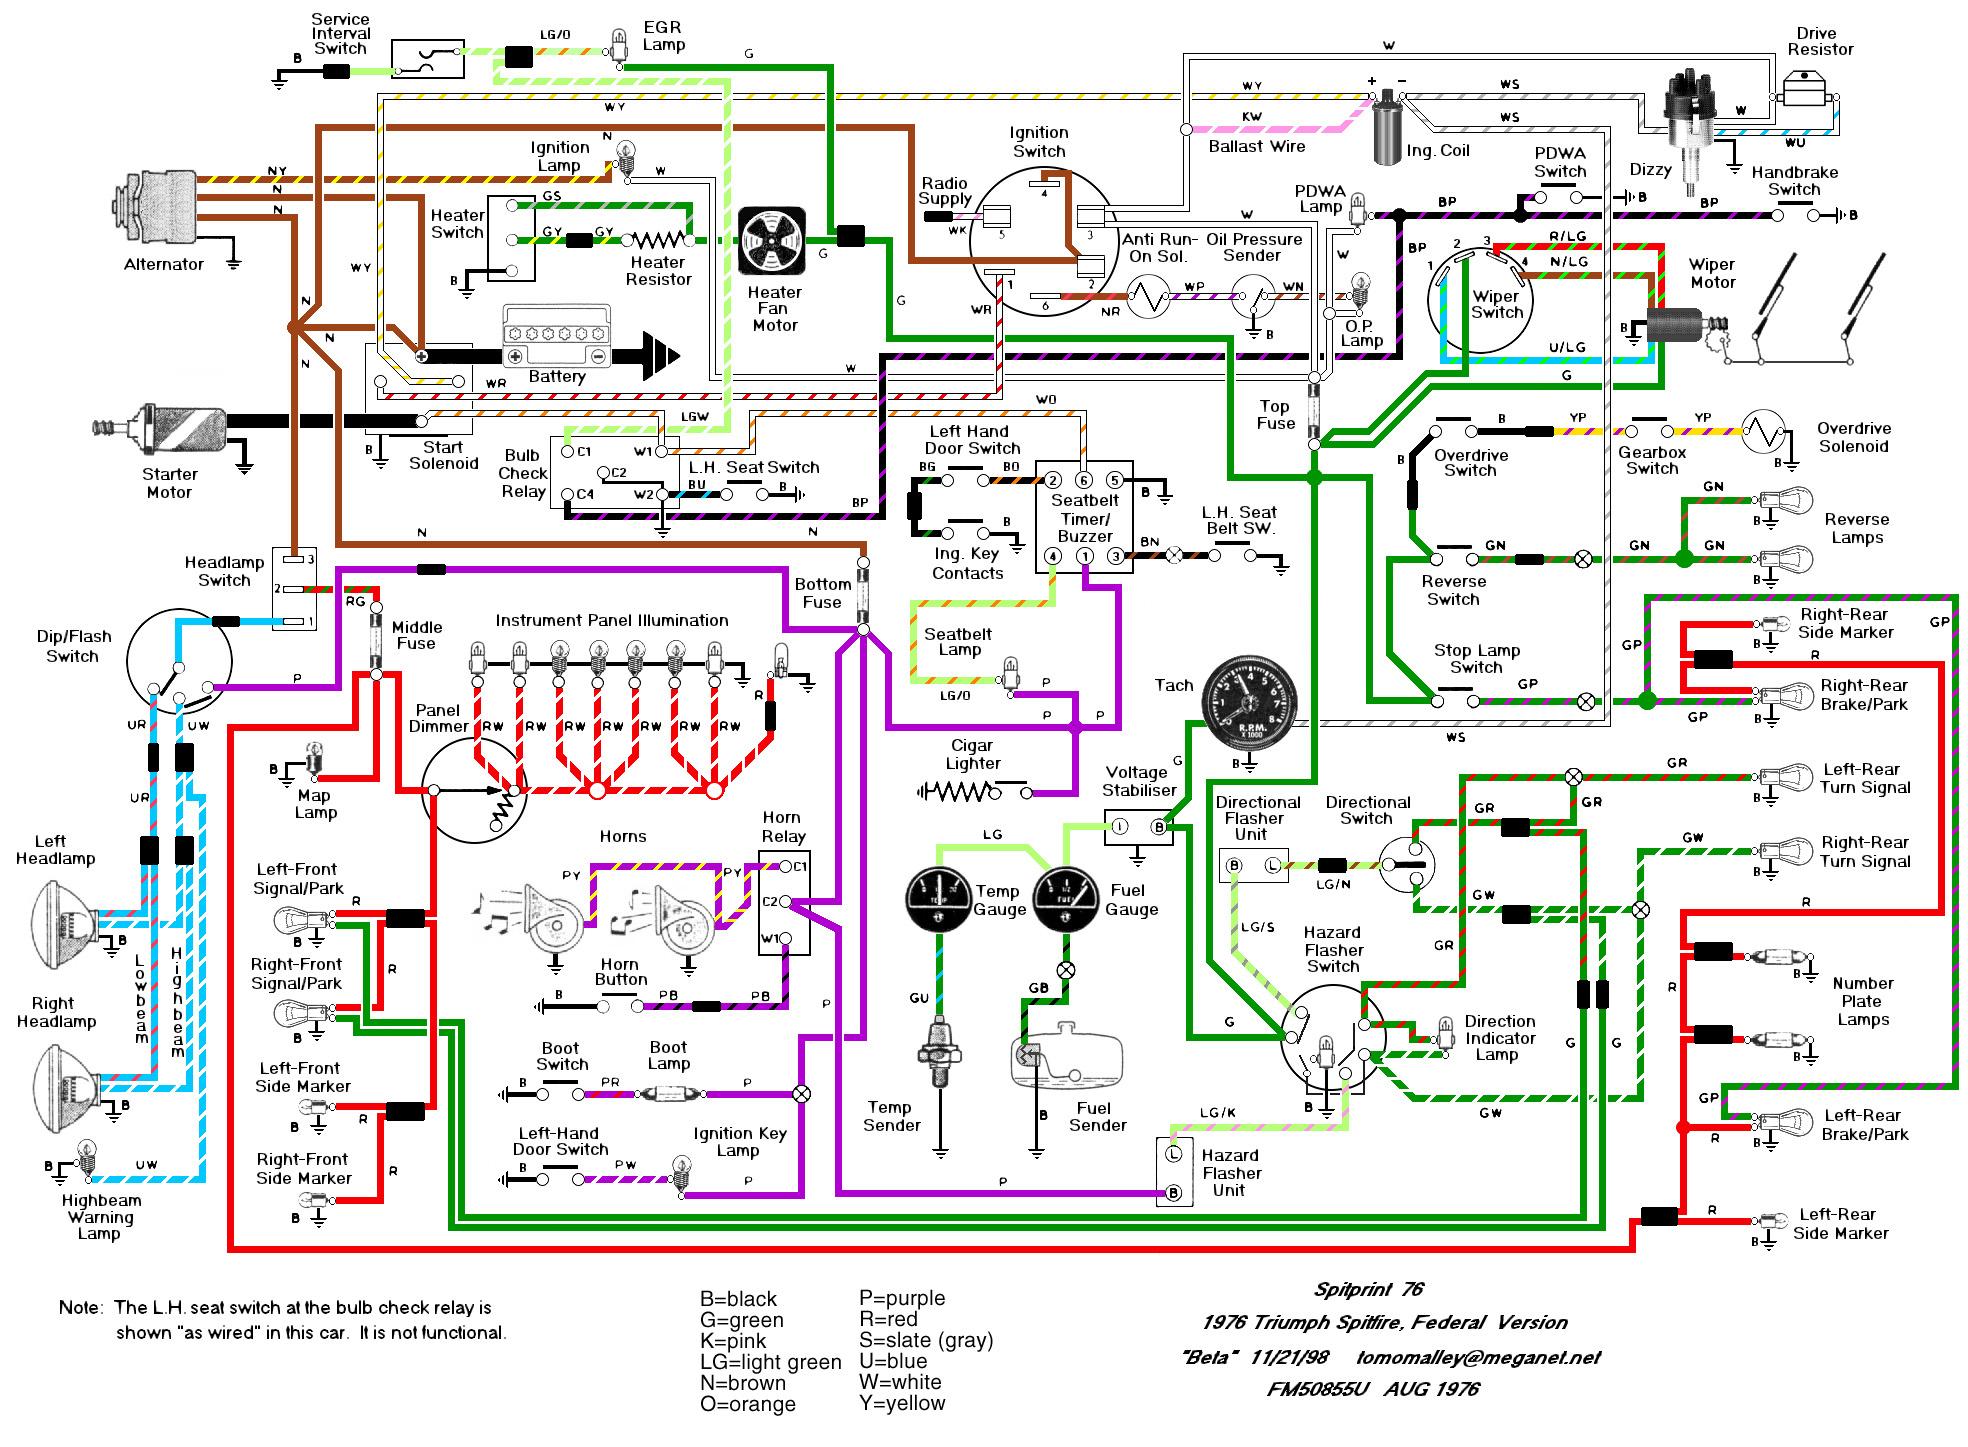 Ignition Coils And Proper System Voltage??? : Spitfire